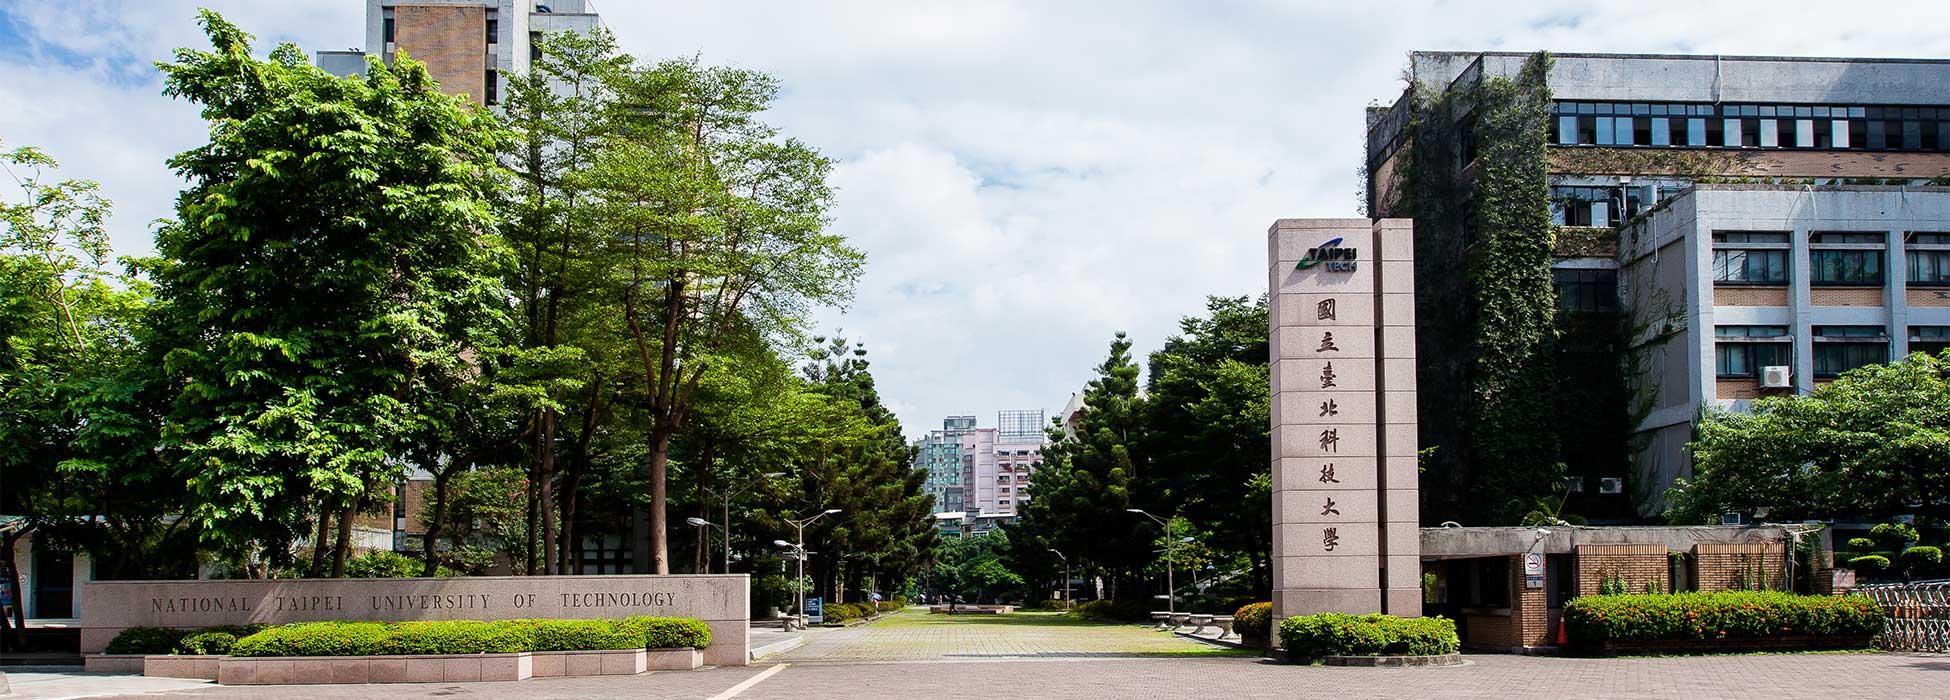 National Taipei University of Technology World University